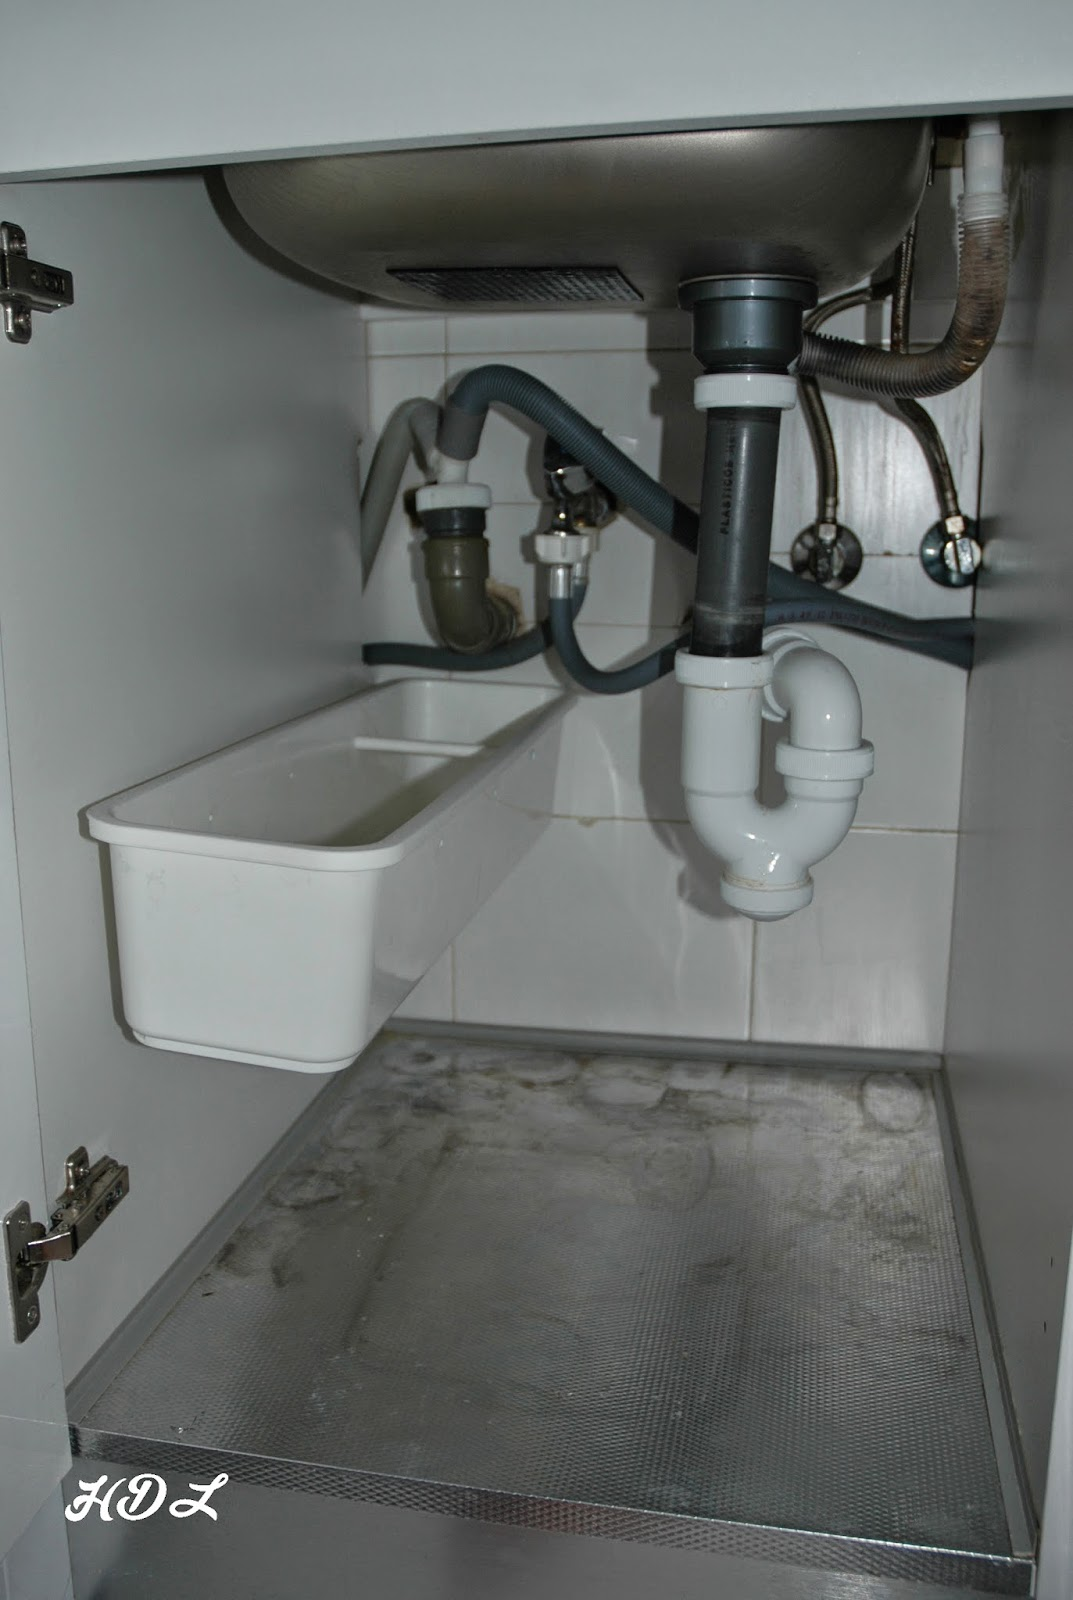 Hogar dulce y limpio limpieza profunda de la cocina - Instalar un lavavajillas al fregadero ...